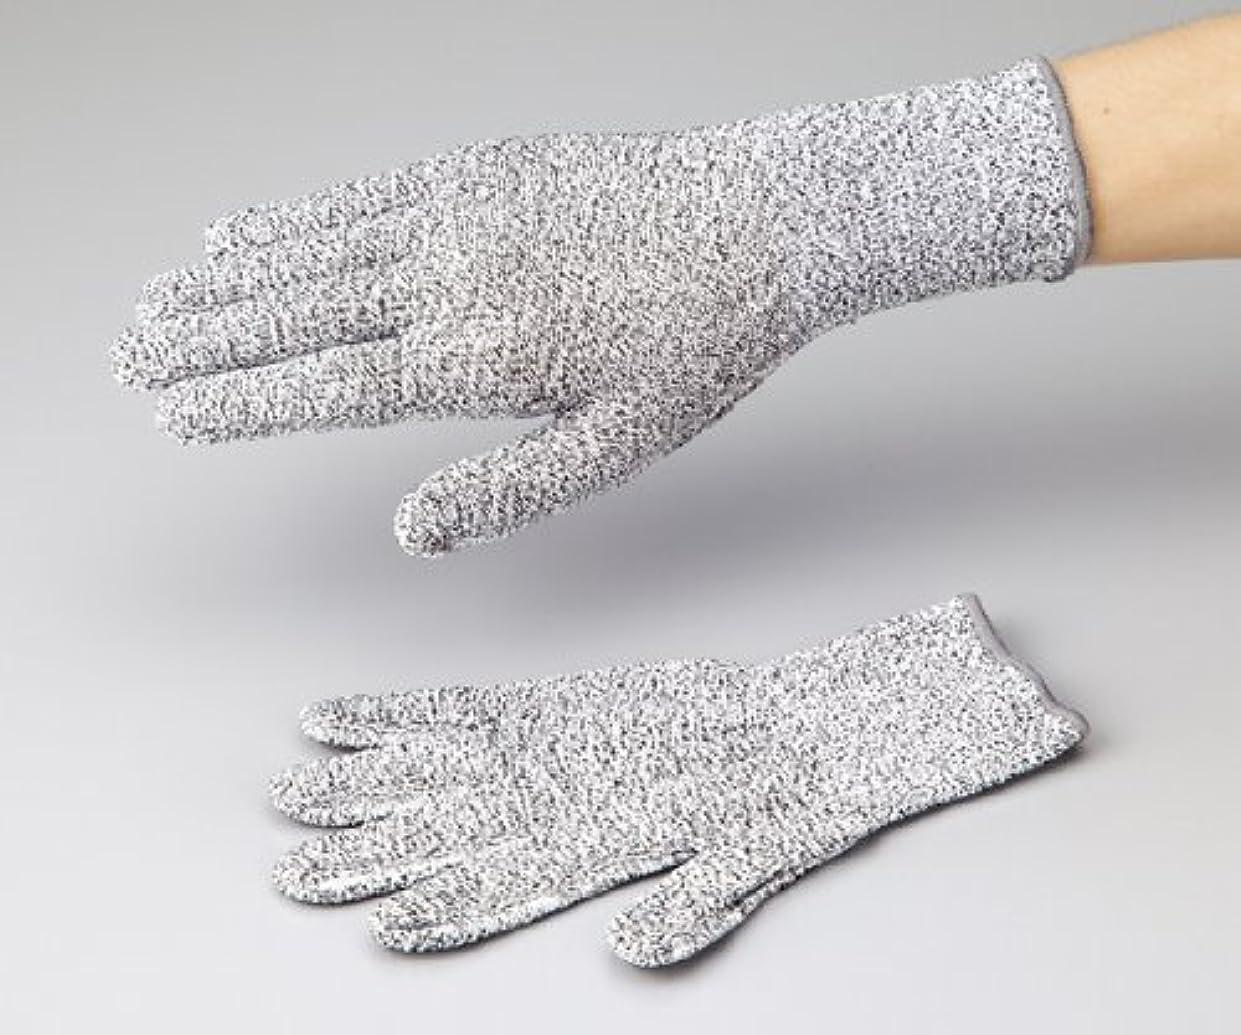 思慮深い囚人暗黙アズワン1-272-01アズセーフ耐切創手袋コーティング無しLカットレベル3